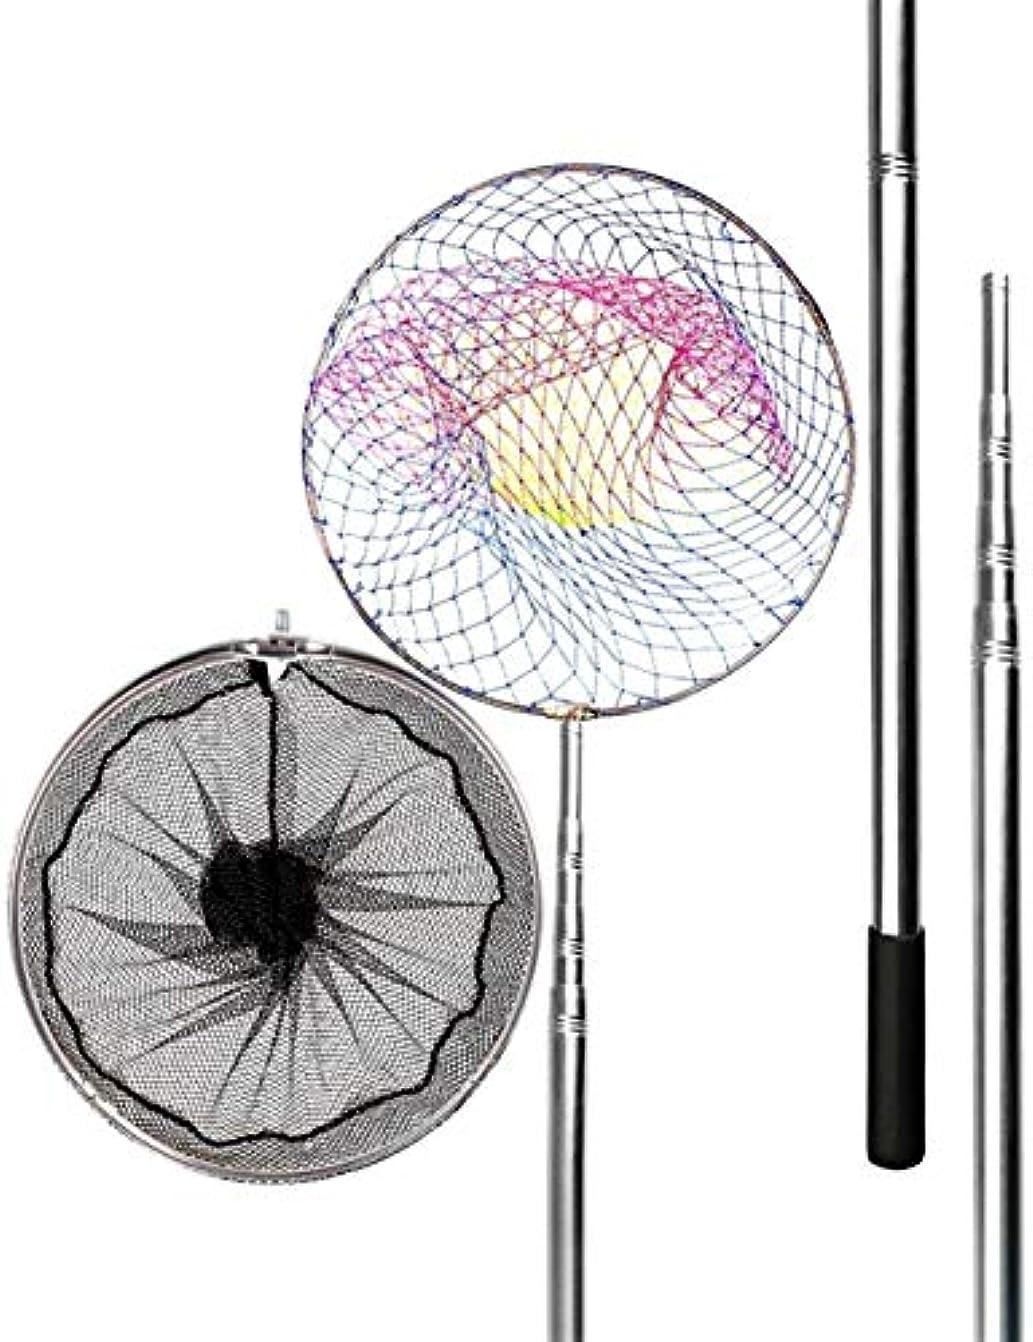 器用設計図カテゴリー釣りランディングネットの折りたたみ、伸縮釣りネット、軽量でポータブル合金フレーム、4M長距離釣り、ネットをキャッチ魚、大型魚のネット (Size : C 2.5M/98.43in)